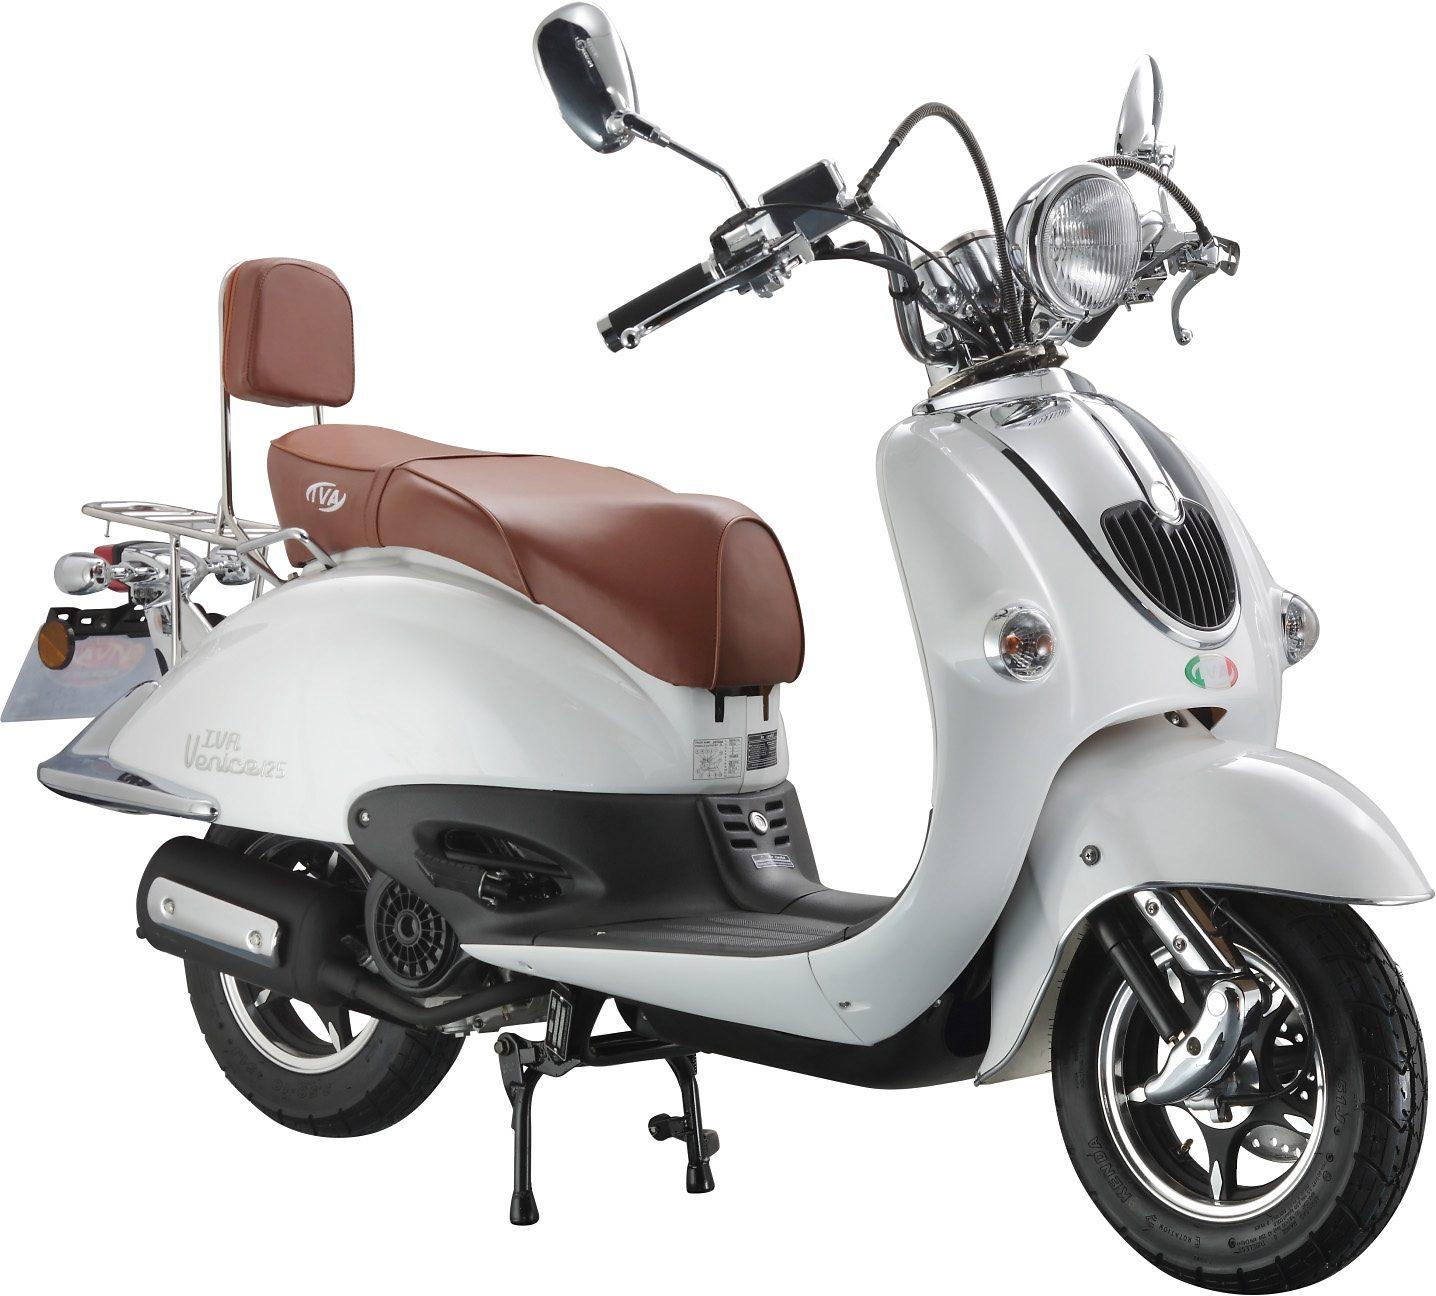 Retro Mofaroller, 50 ccm, 3 PS, 25 km/h, für 1 Person, weiss, »RETRO VENICE«, IVA